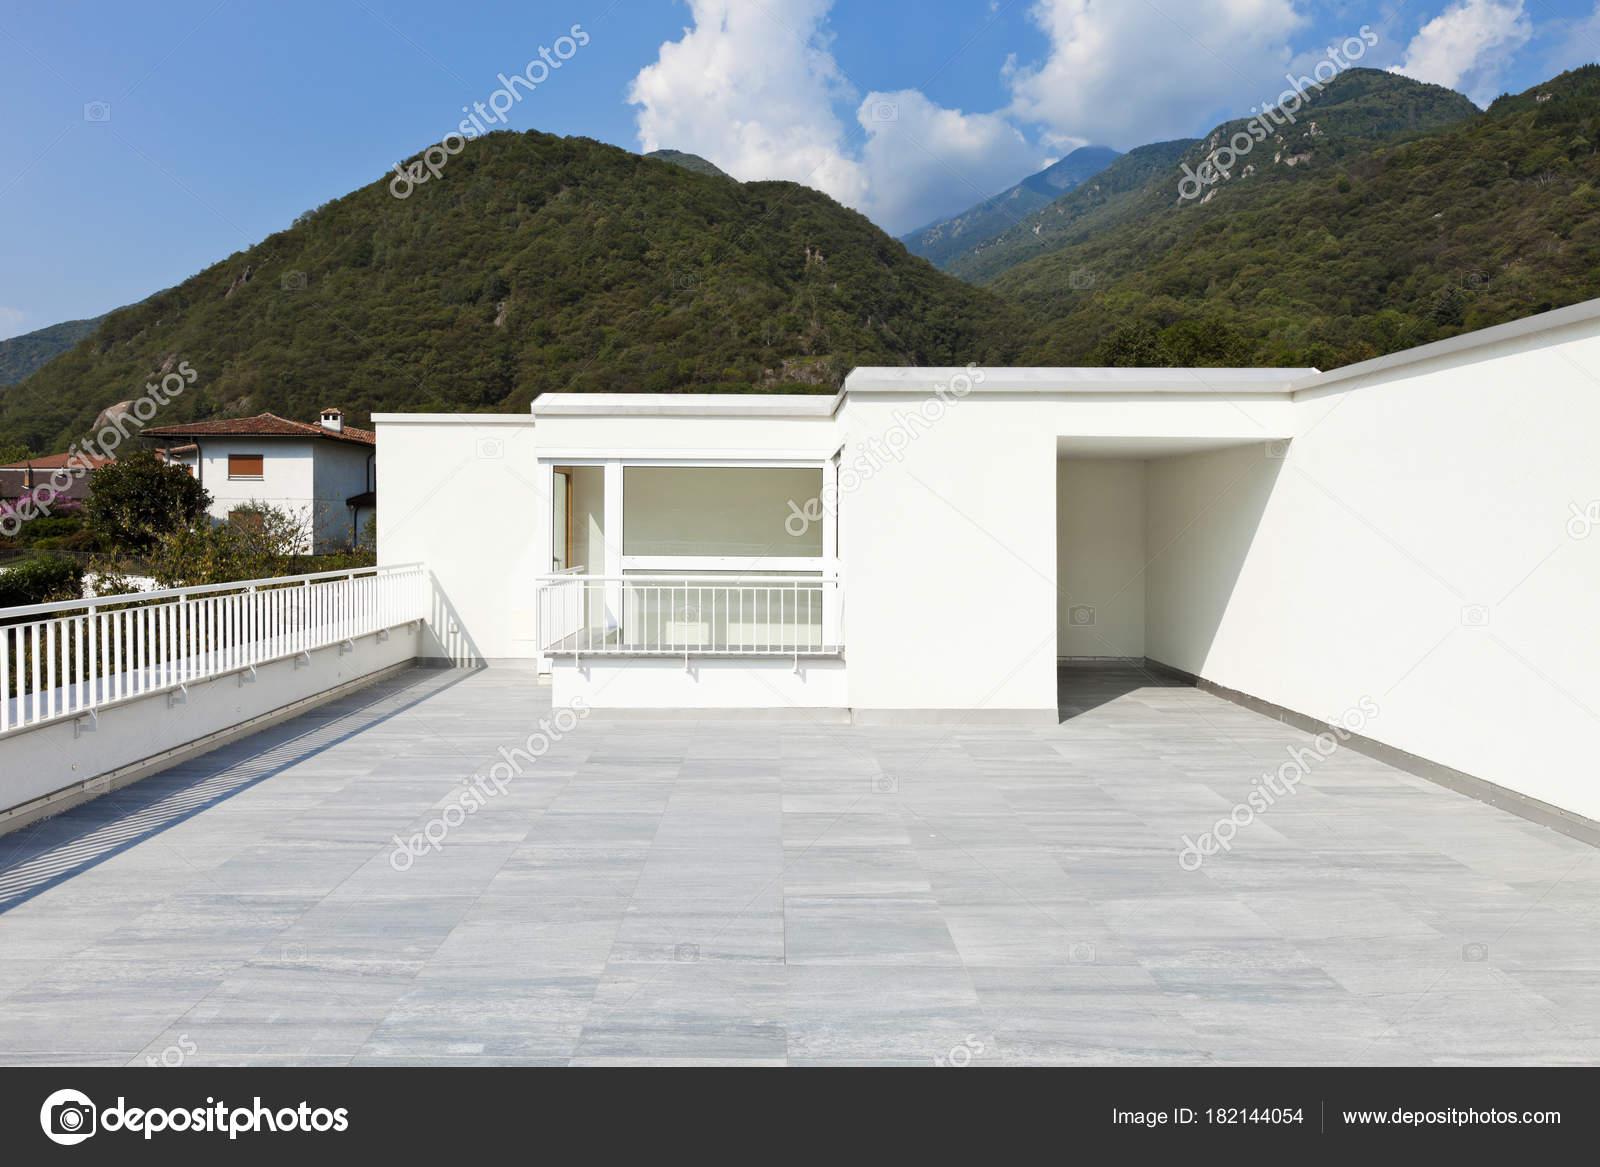 Moderne Architektur, Einfamilienhaus — Stockfoto © Zveiger #182144054